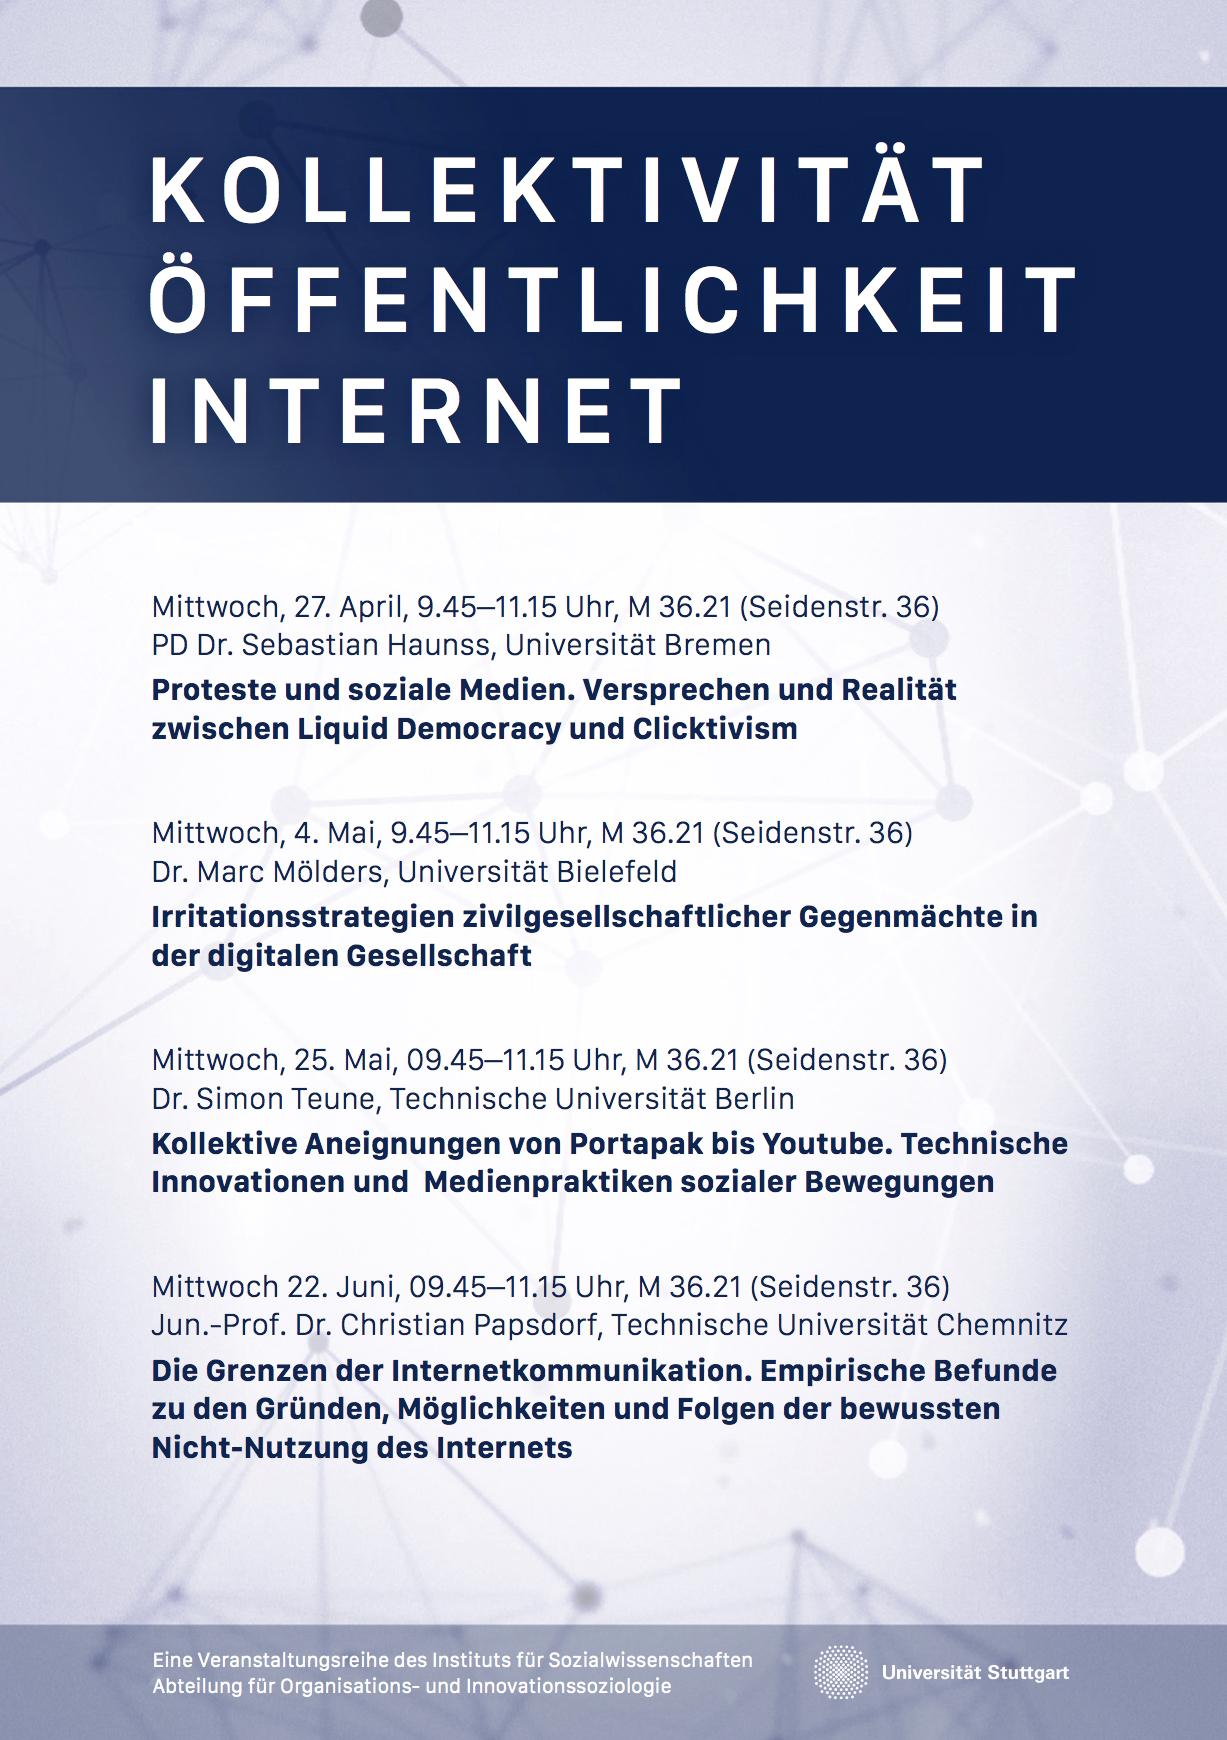 Kollektivitaet_Oeffentlichkeit_Internet